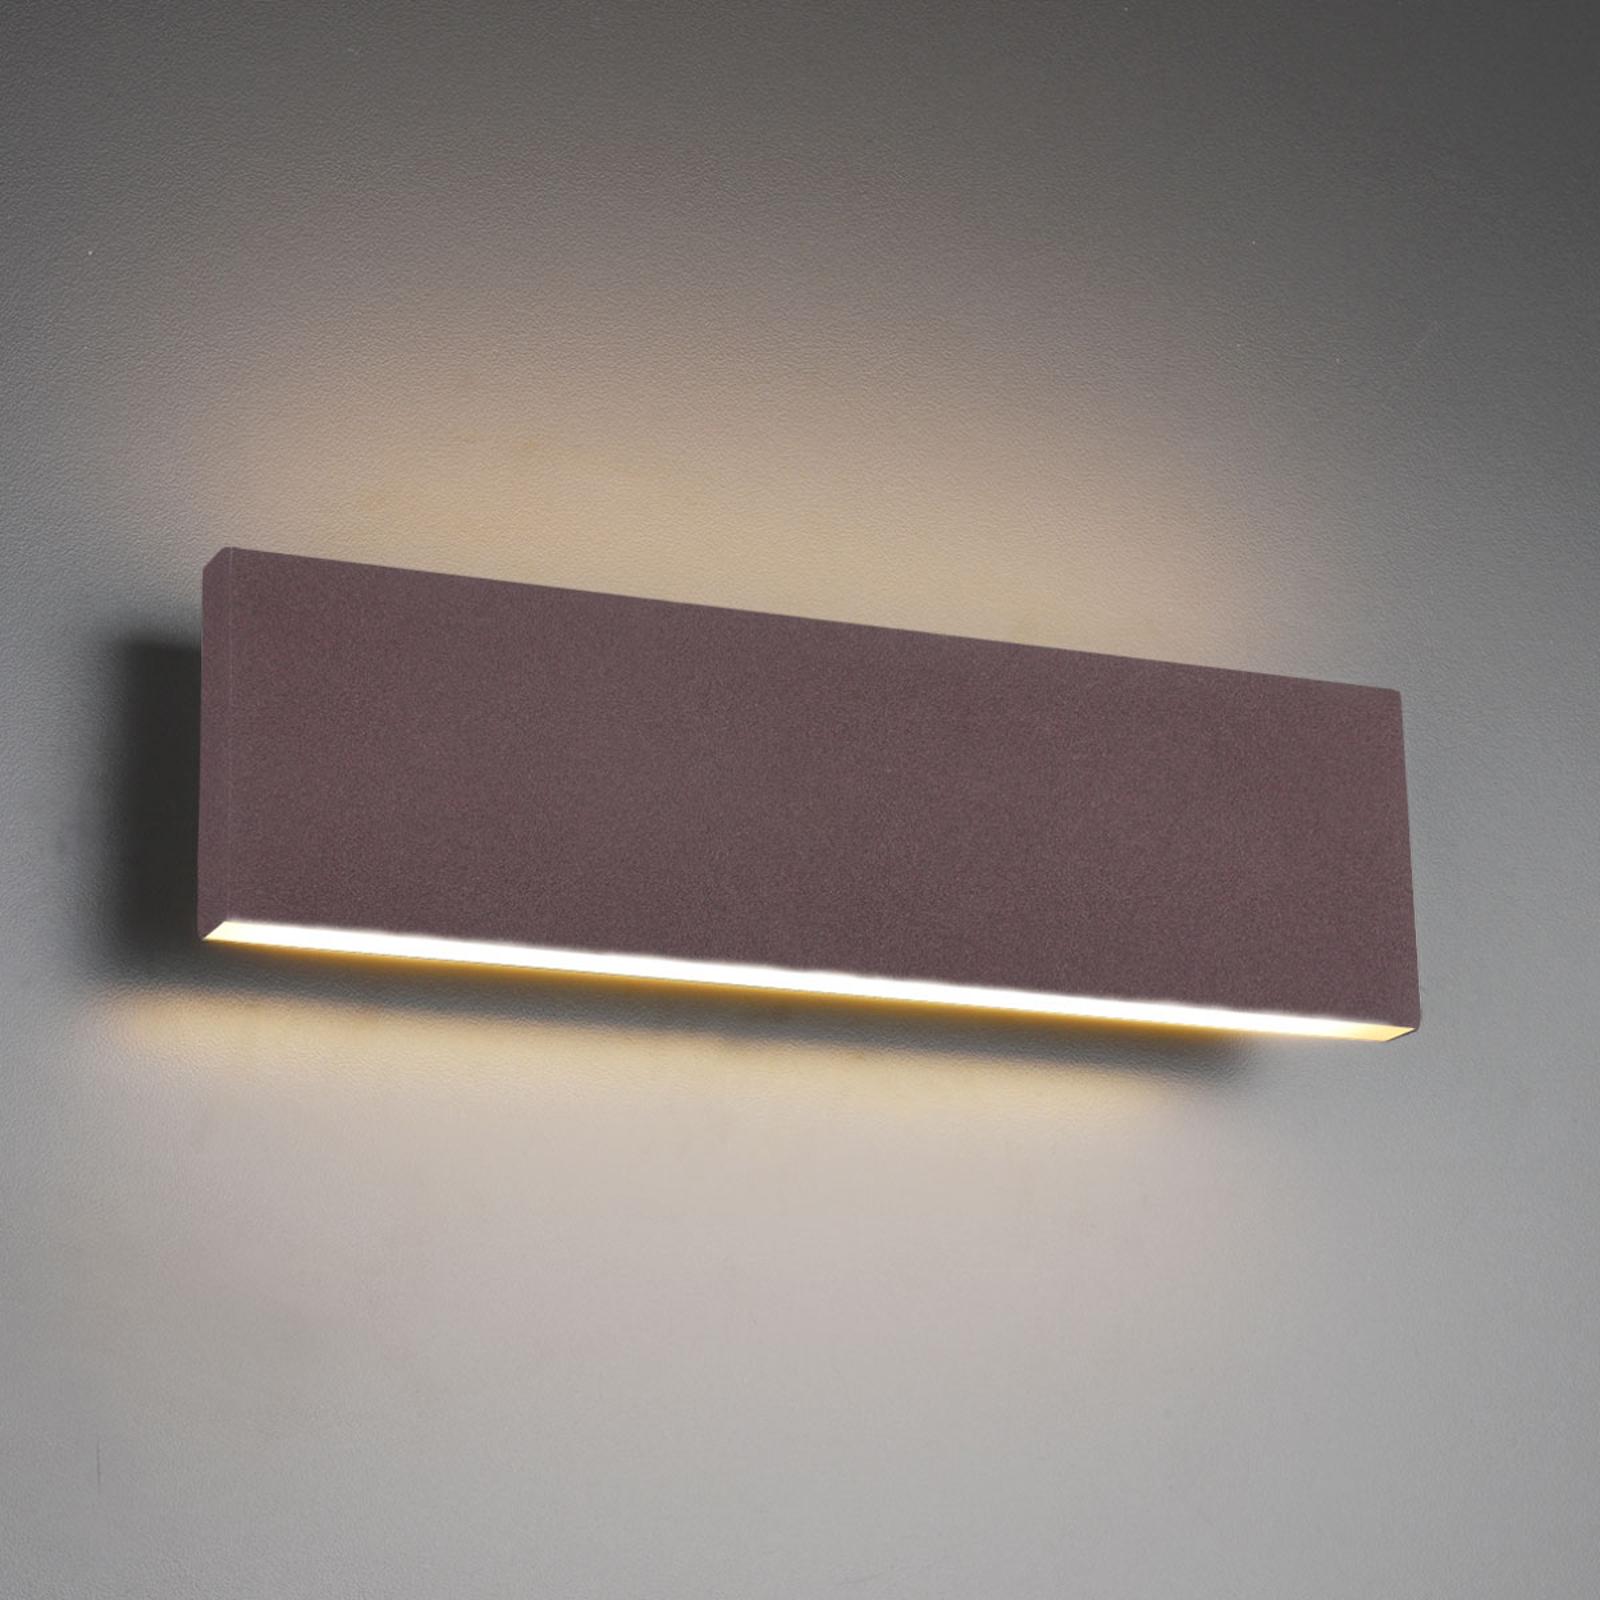 LED-Wandlampe Concha 28 cm, rost